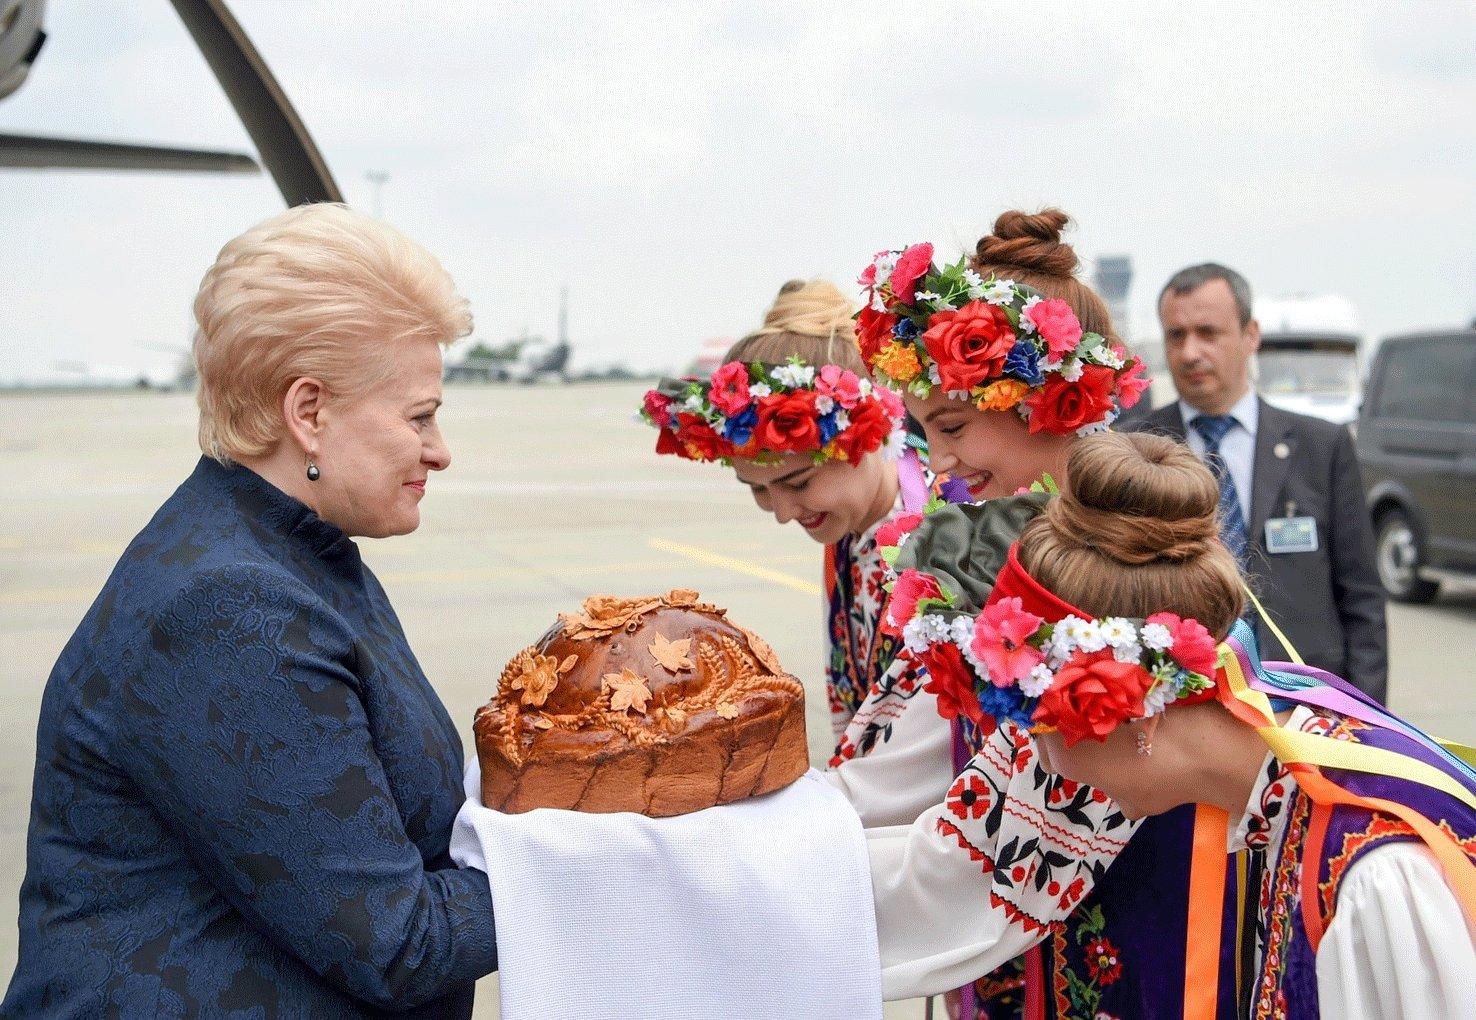 МИД Республики Беларусь попросил посла Литвы пояснить слова президента